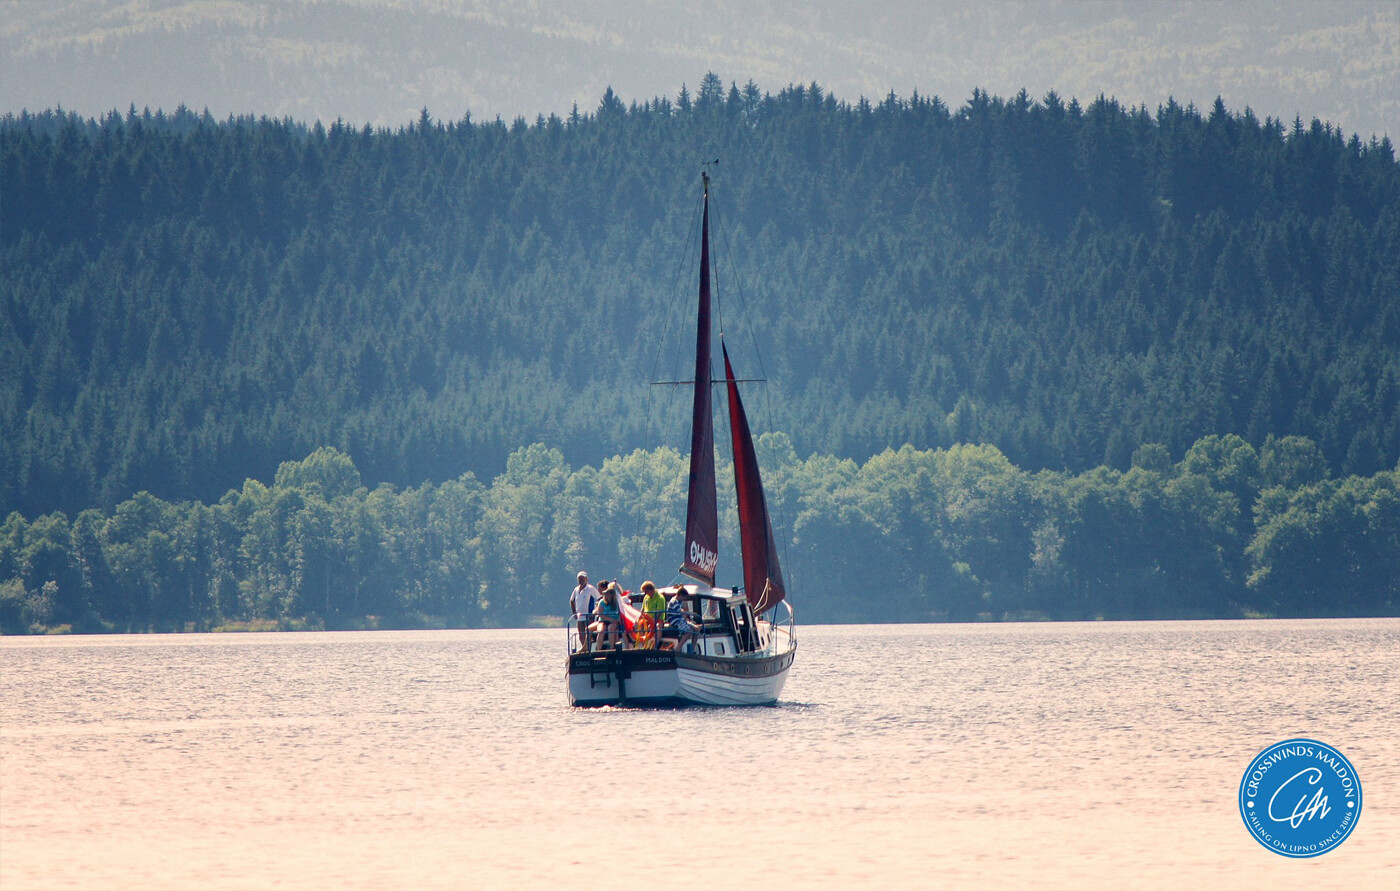 Výlety stylovou anglickou jachtou po jezeře Lipno